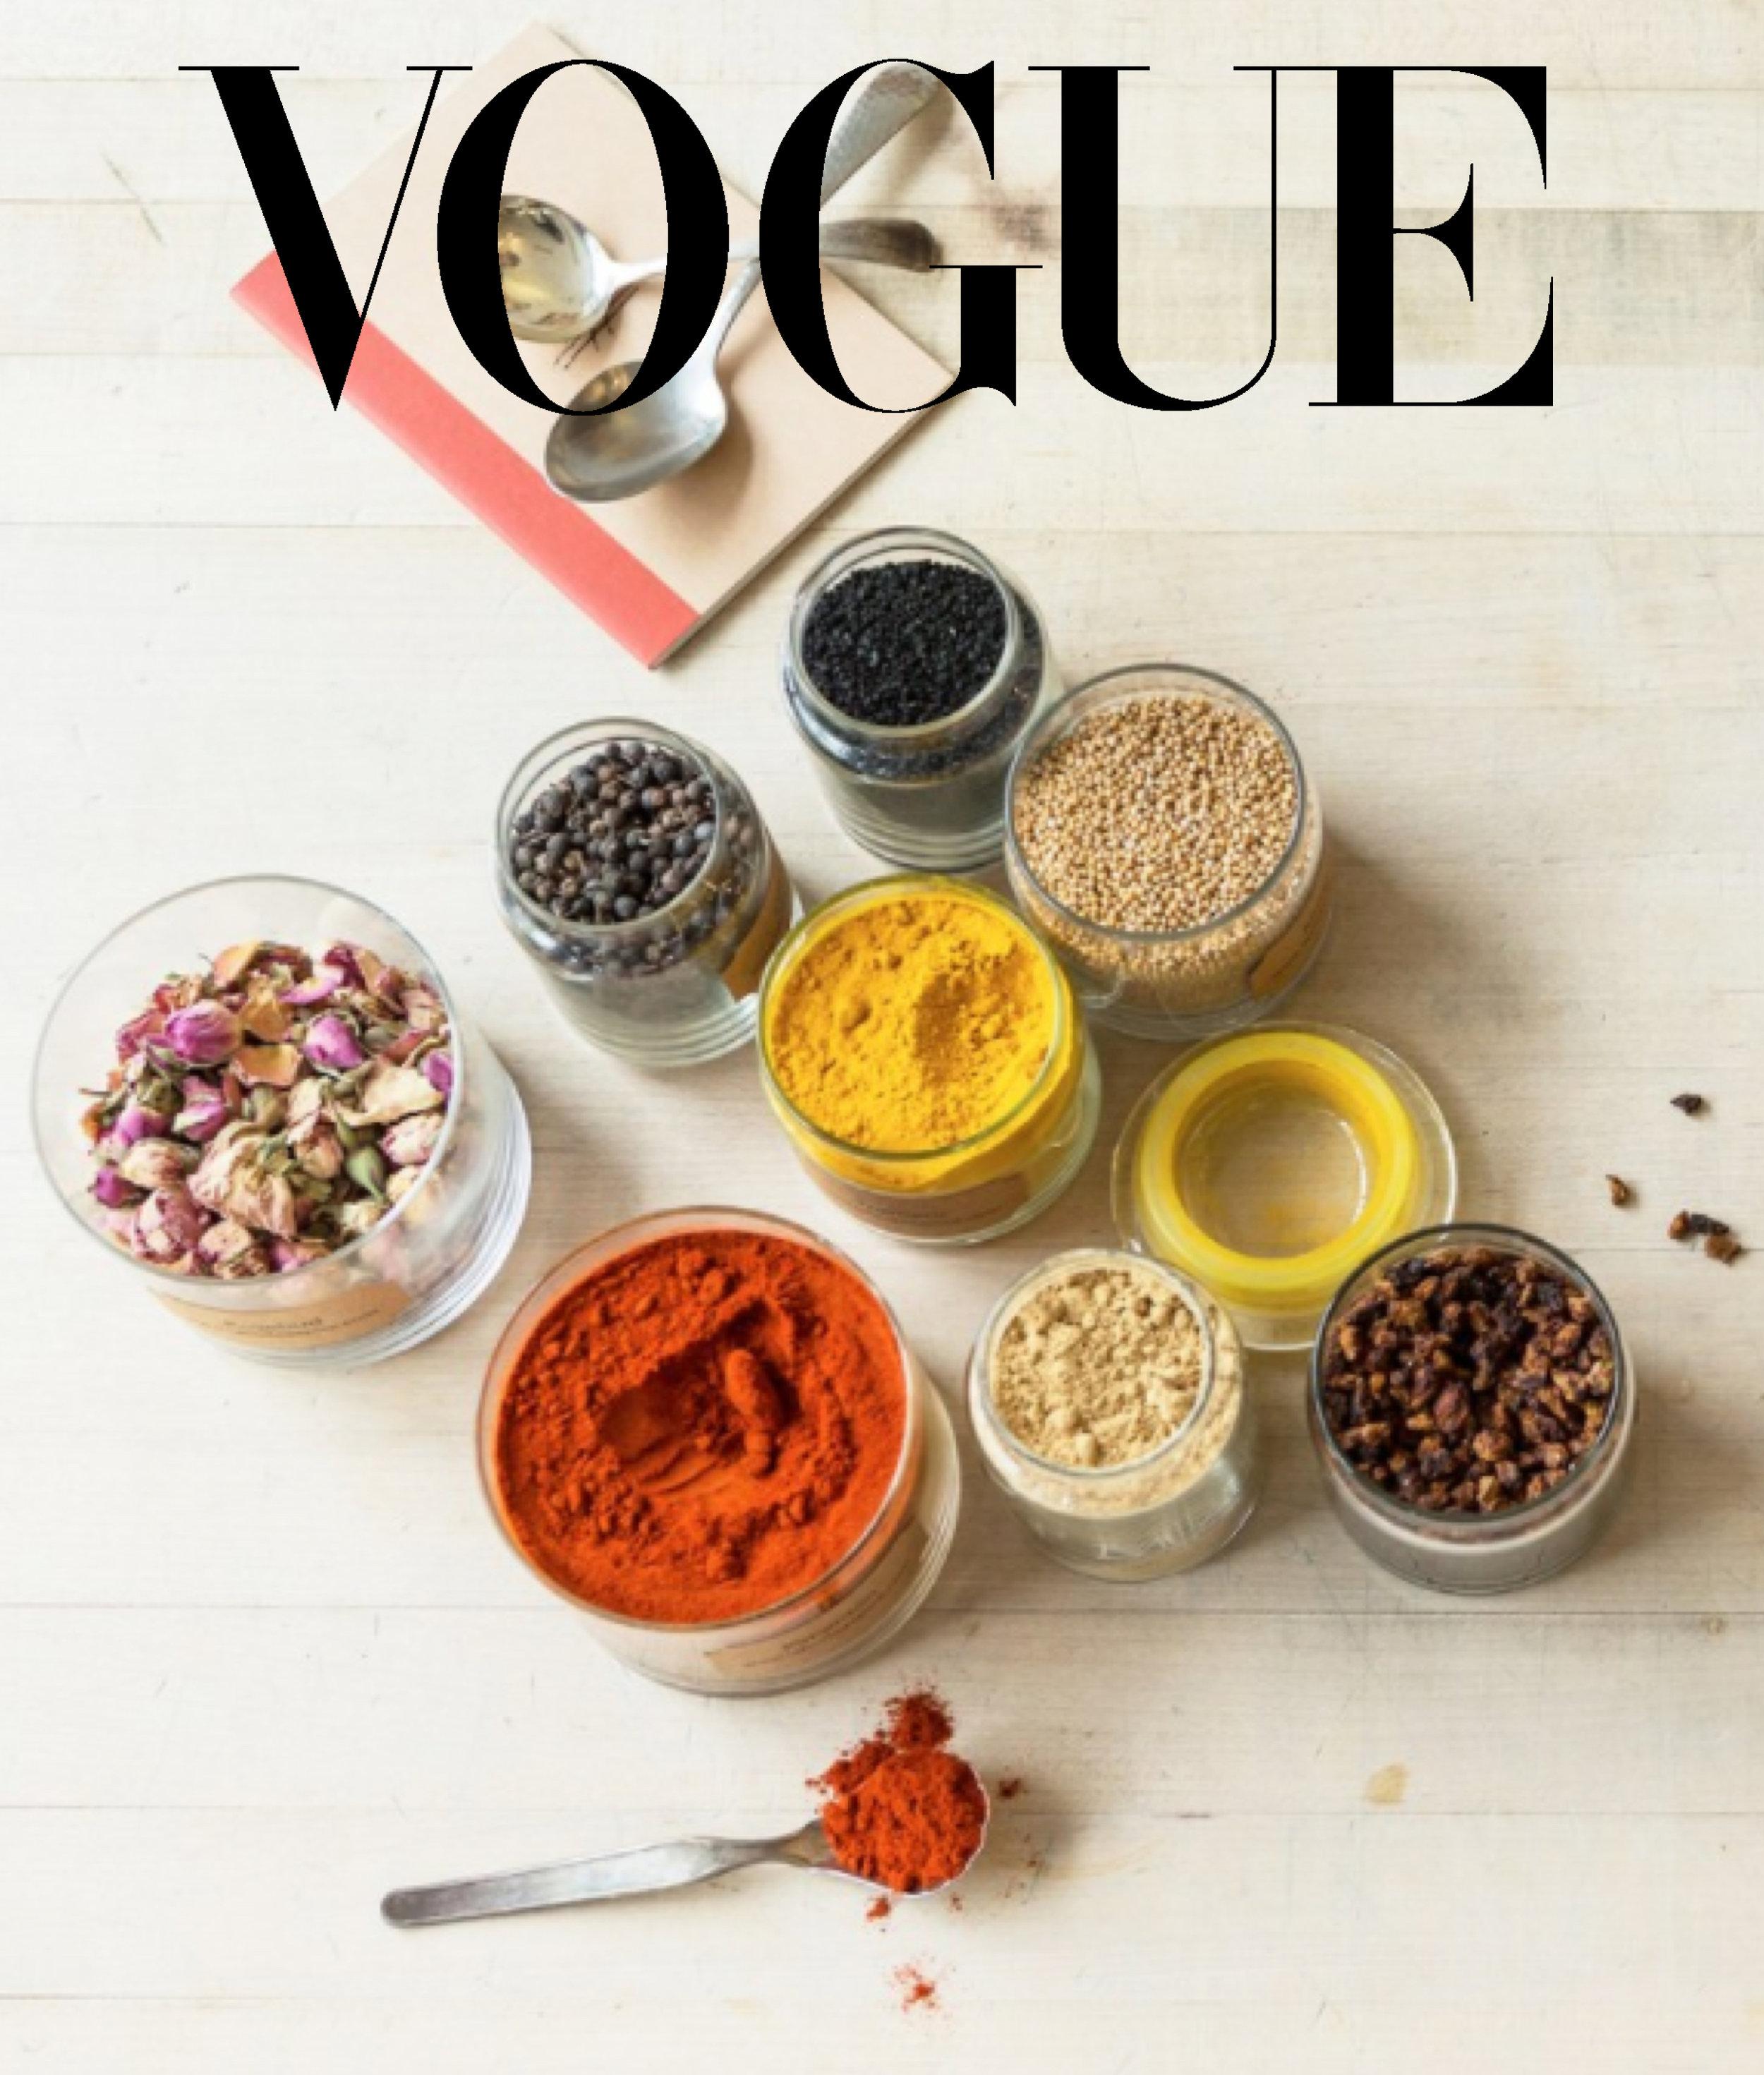 Vogue.001.jpeg